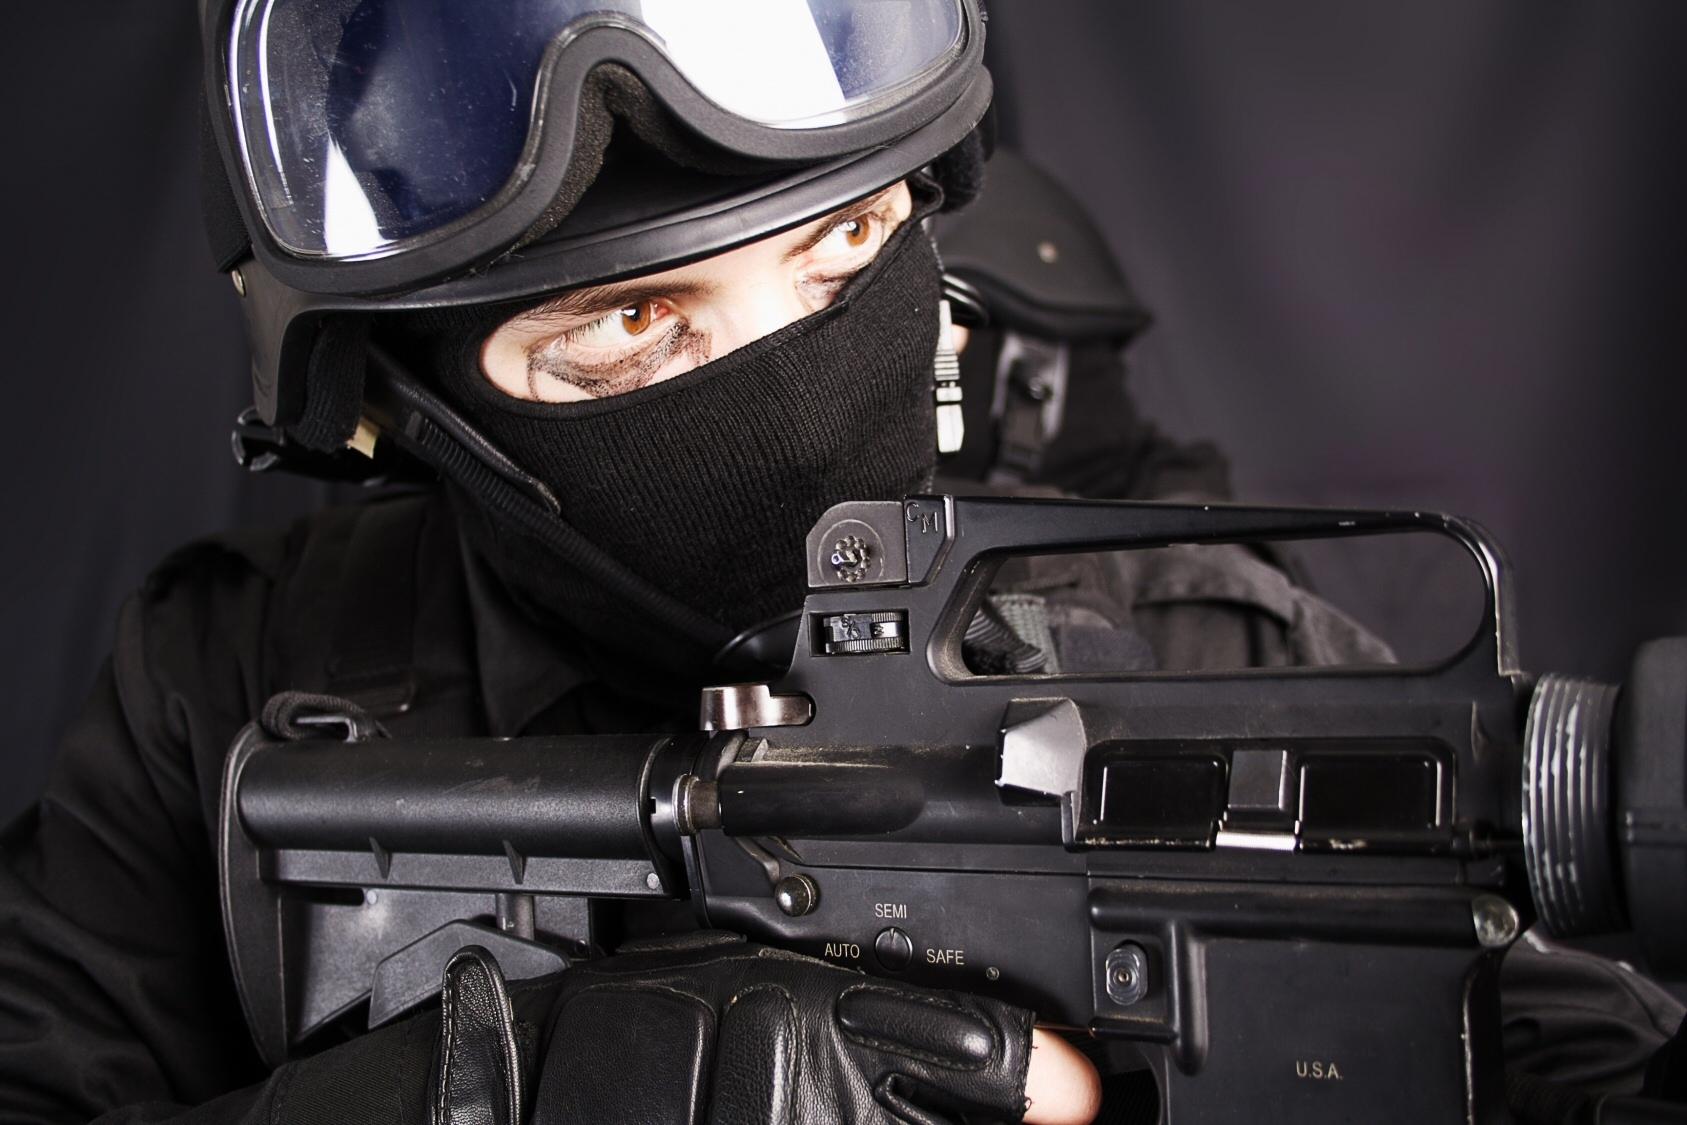 Swat wallpaper, обои для рабочего стола, СВАТ, police, солдат, спецназ, special forces